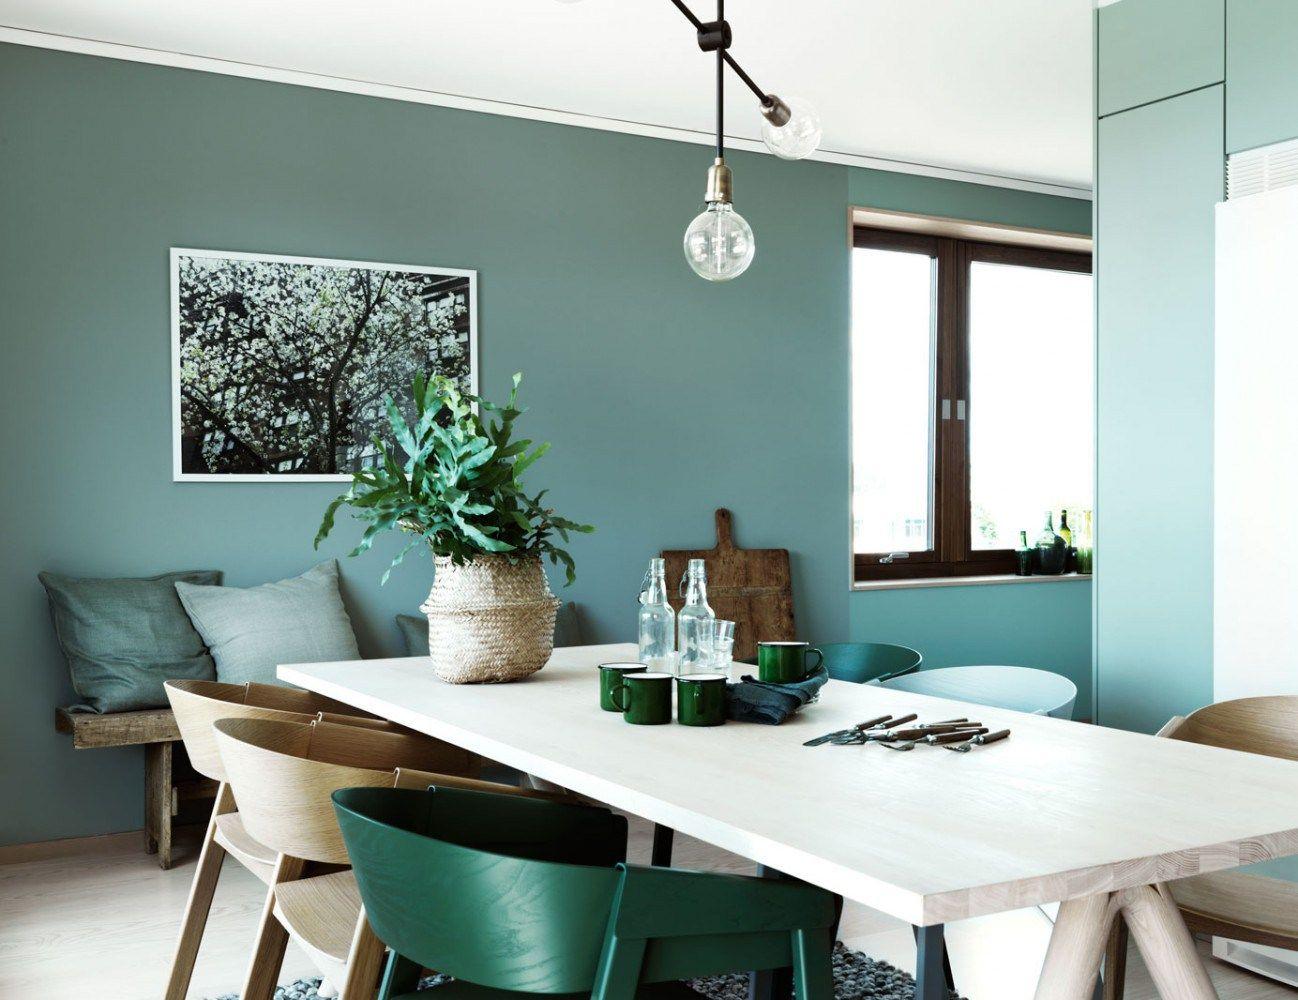 Binnenkijken Wonen Groen : Binnenkijken huis groen interieur en groen interieur